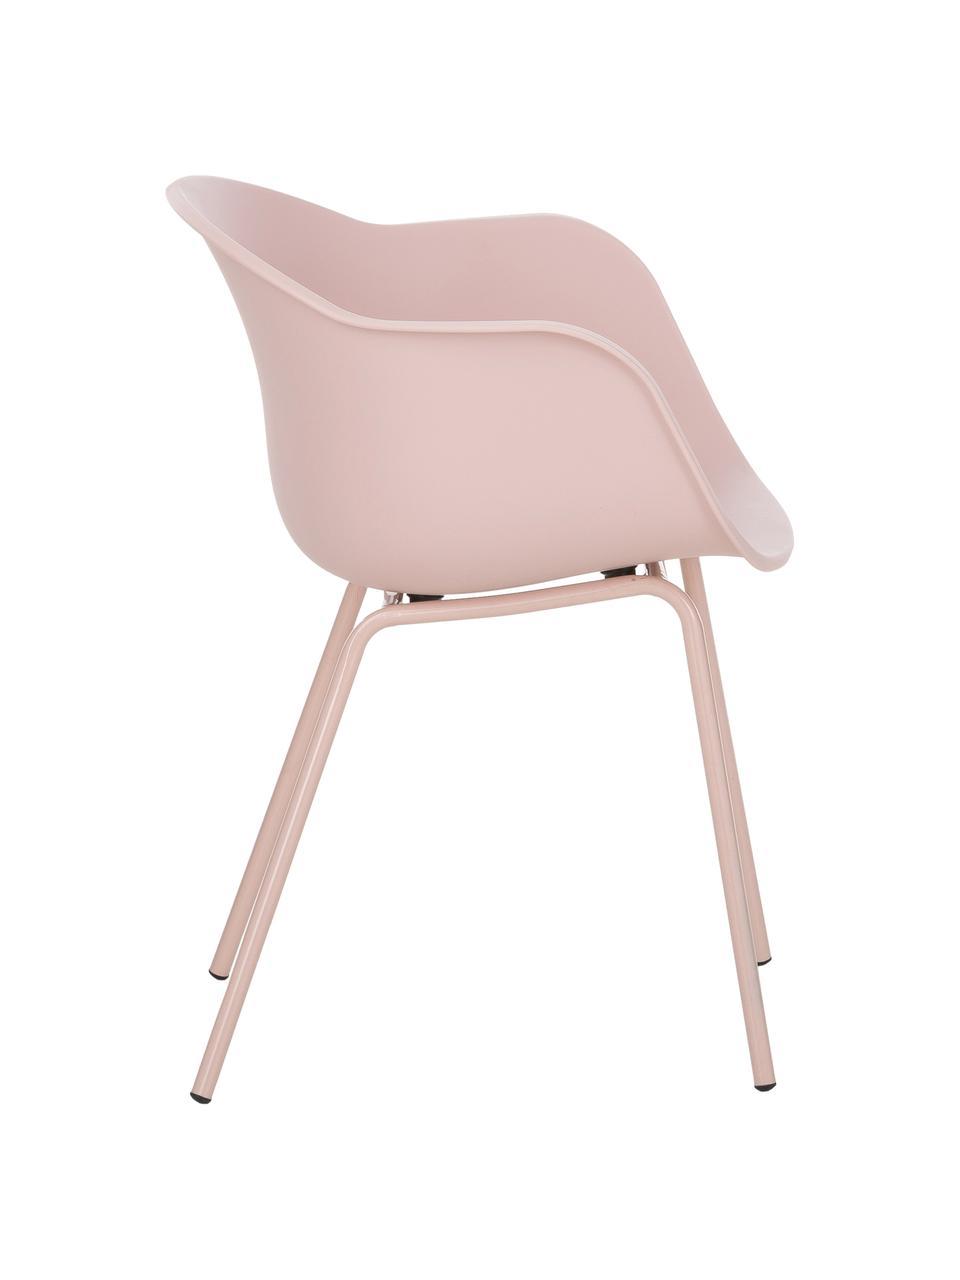 Chaise scandinave plastique Claire, Rose